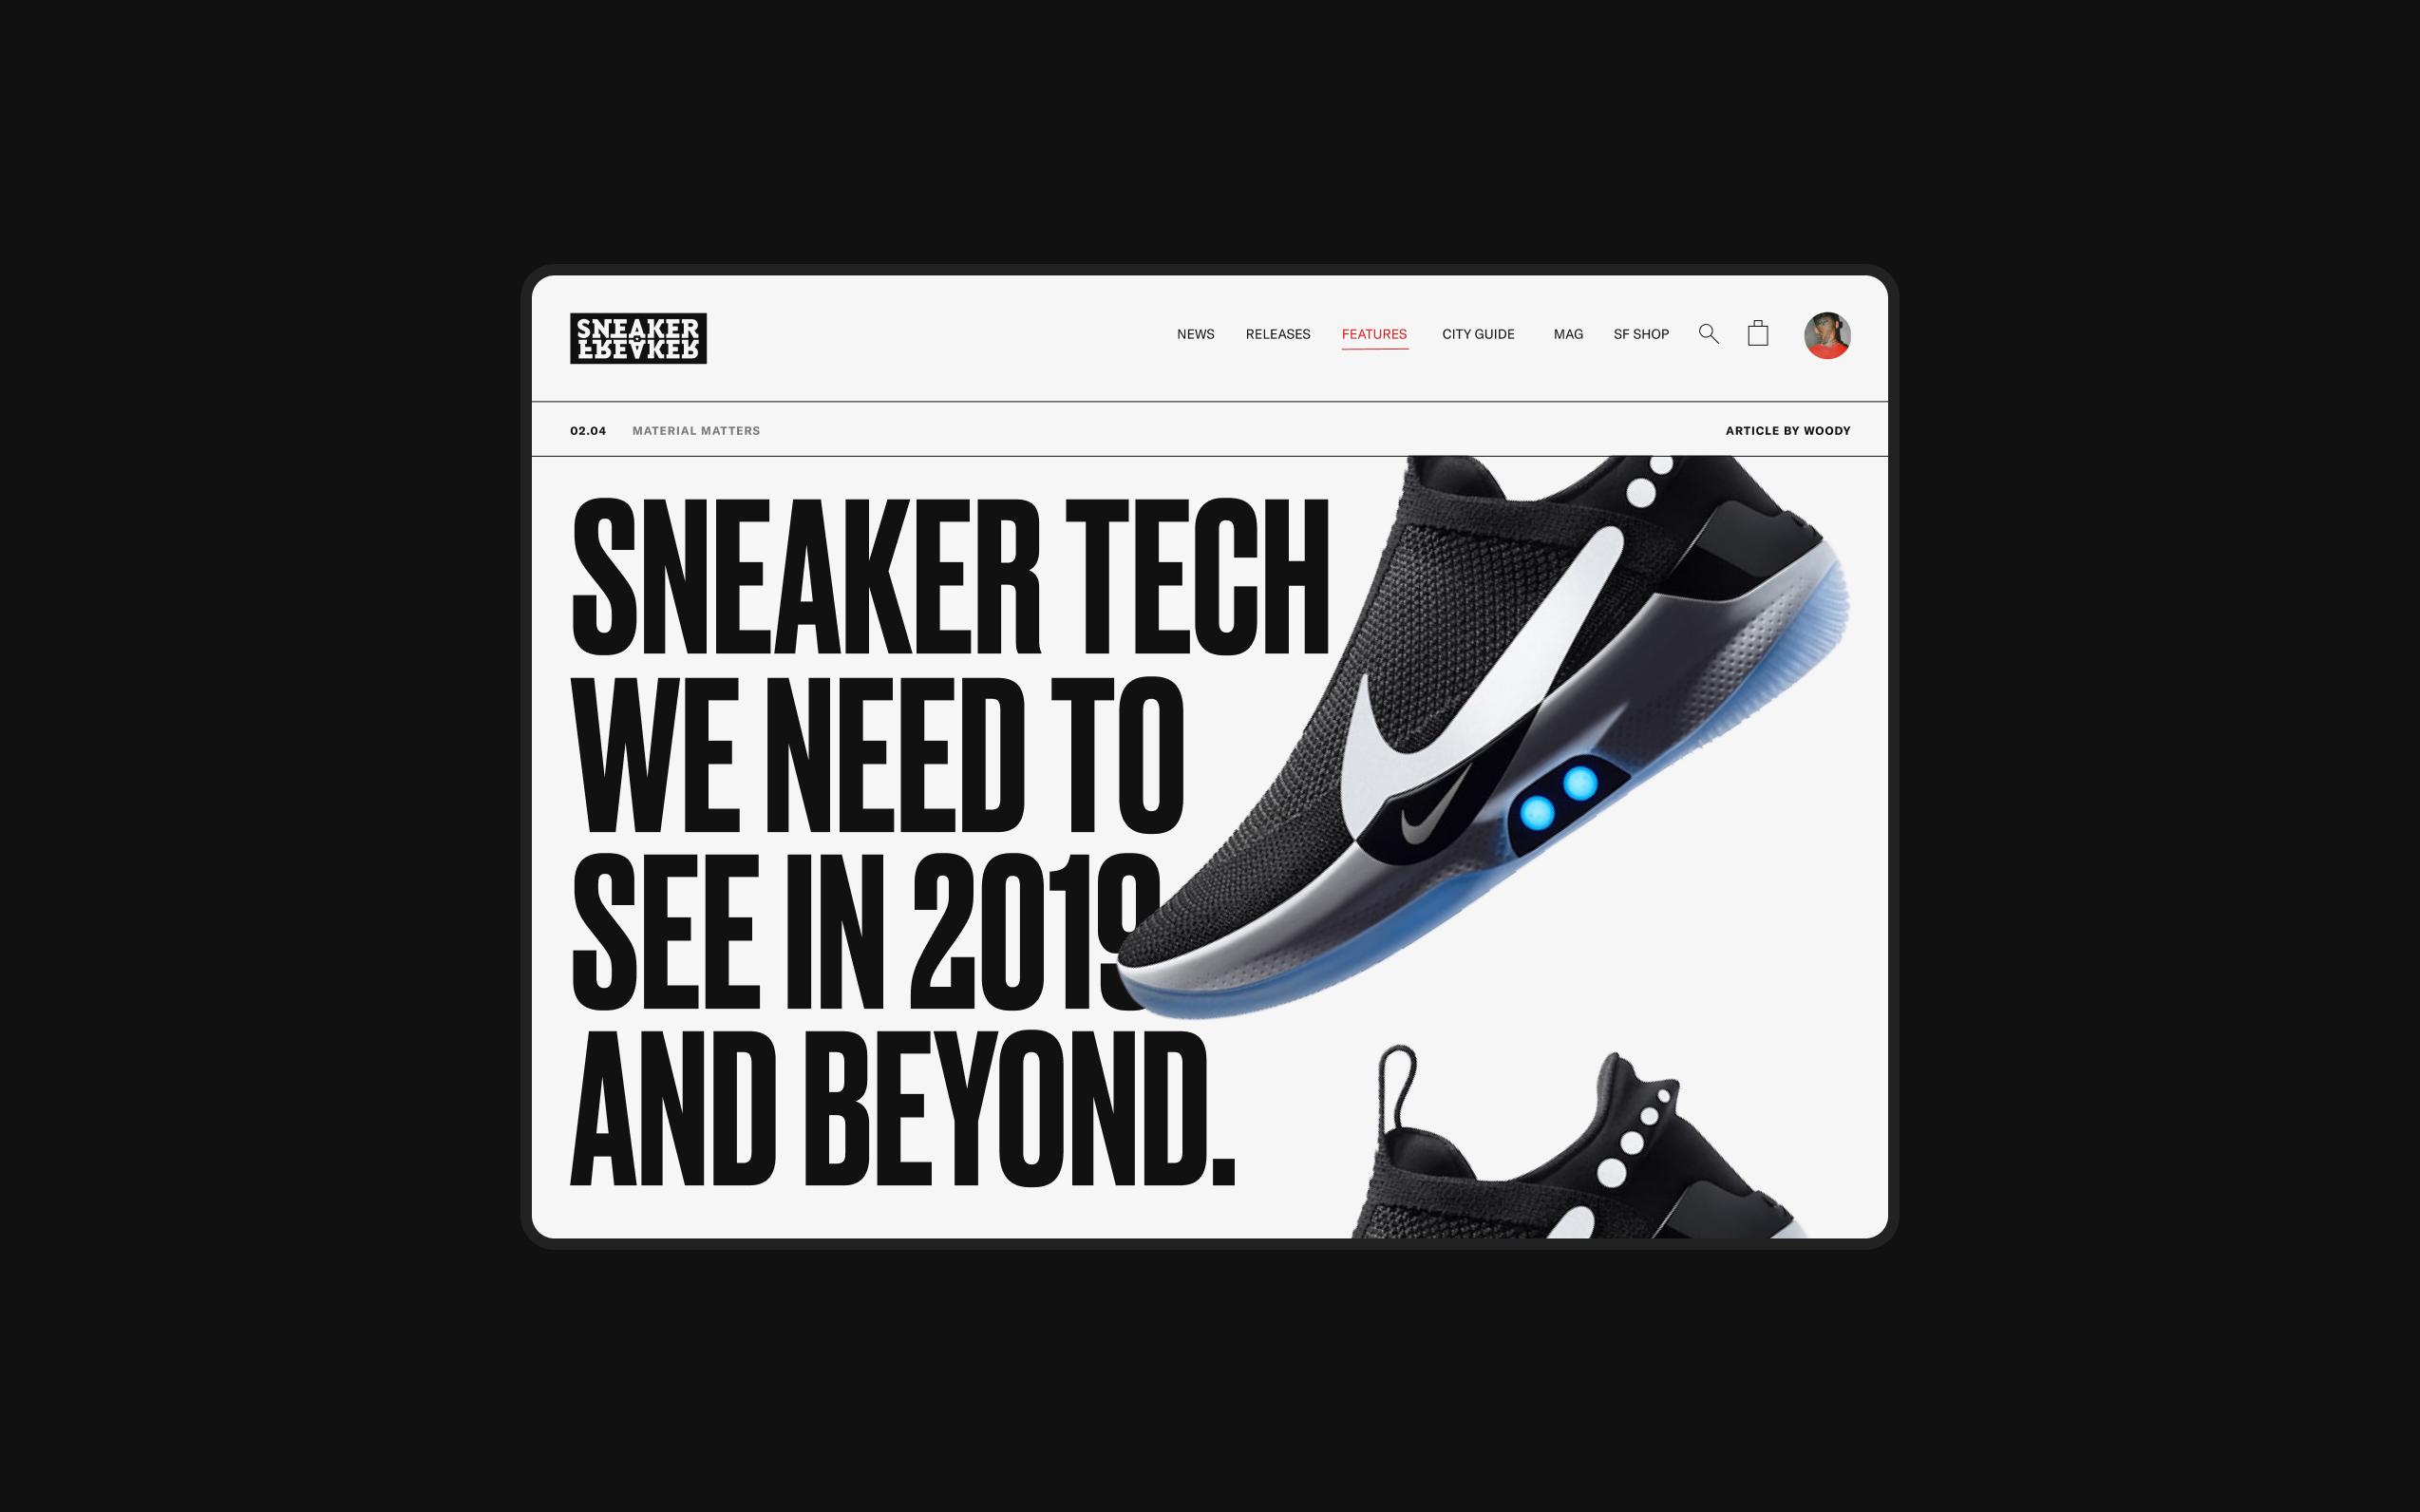 Desktop screen showcasing a large 'sneaker tech' article from sneakerfreaker.com